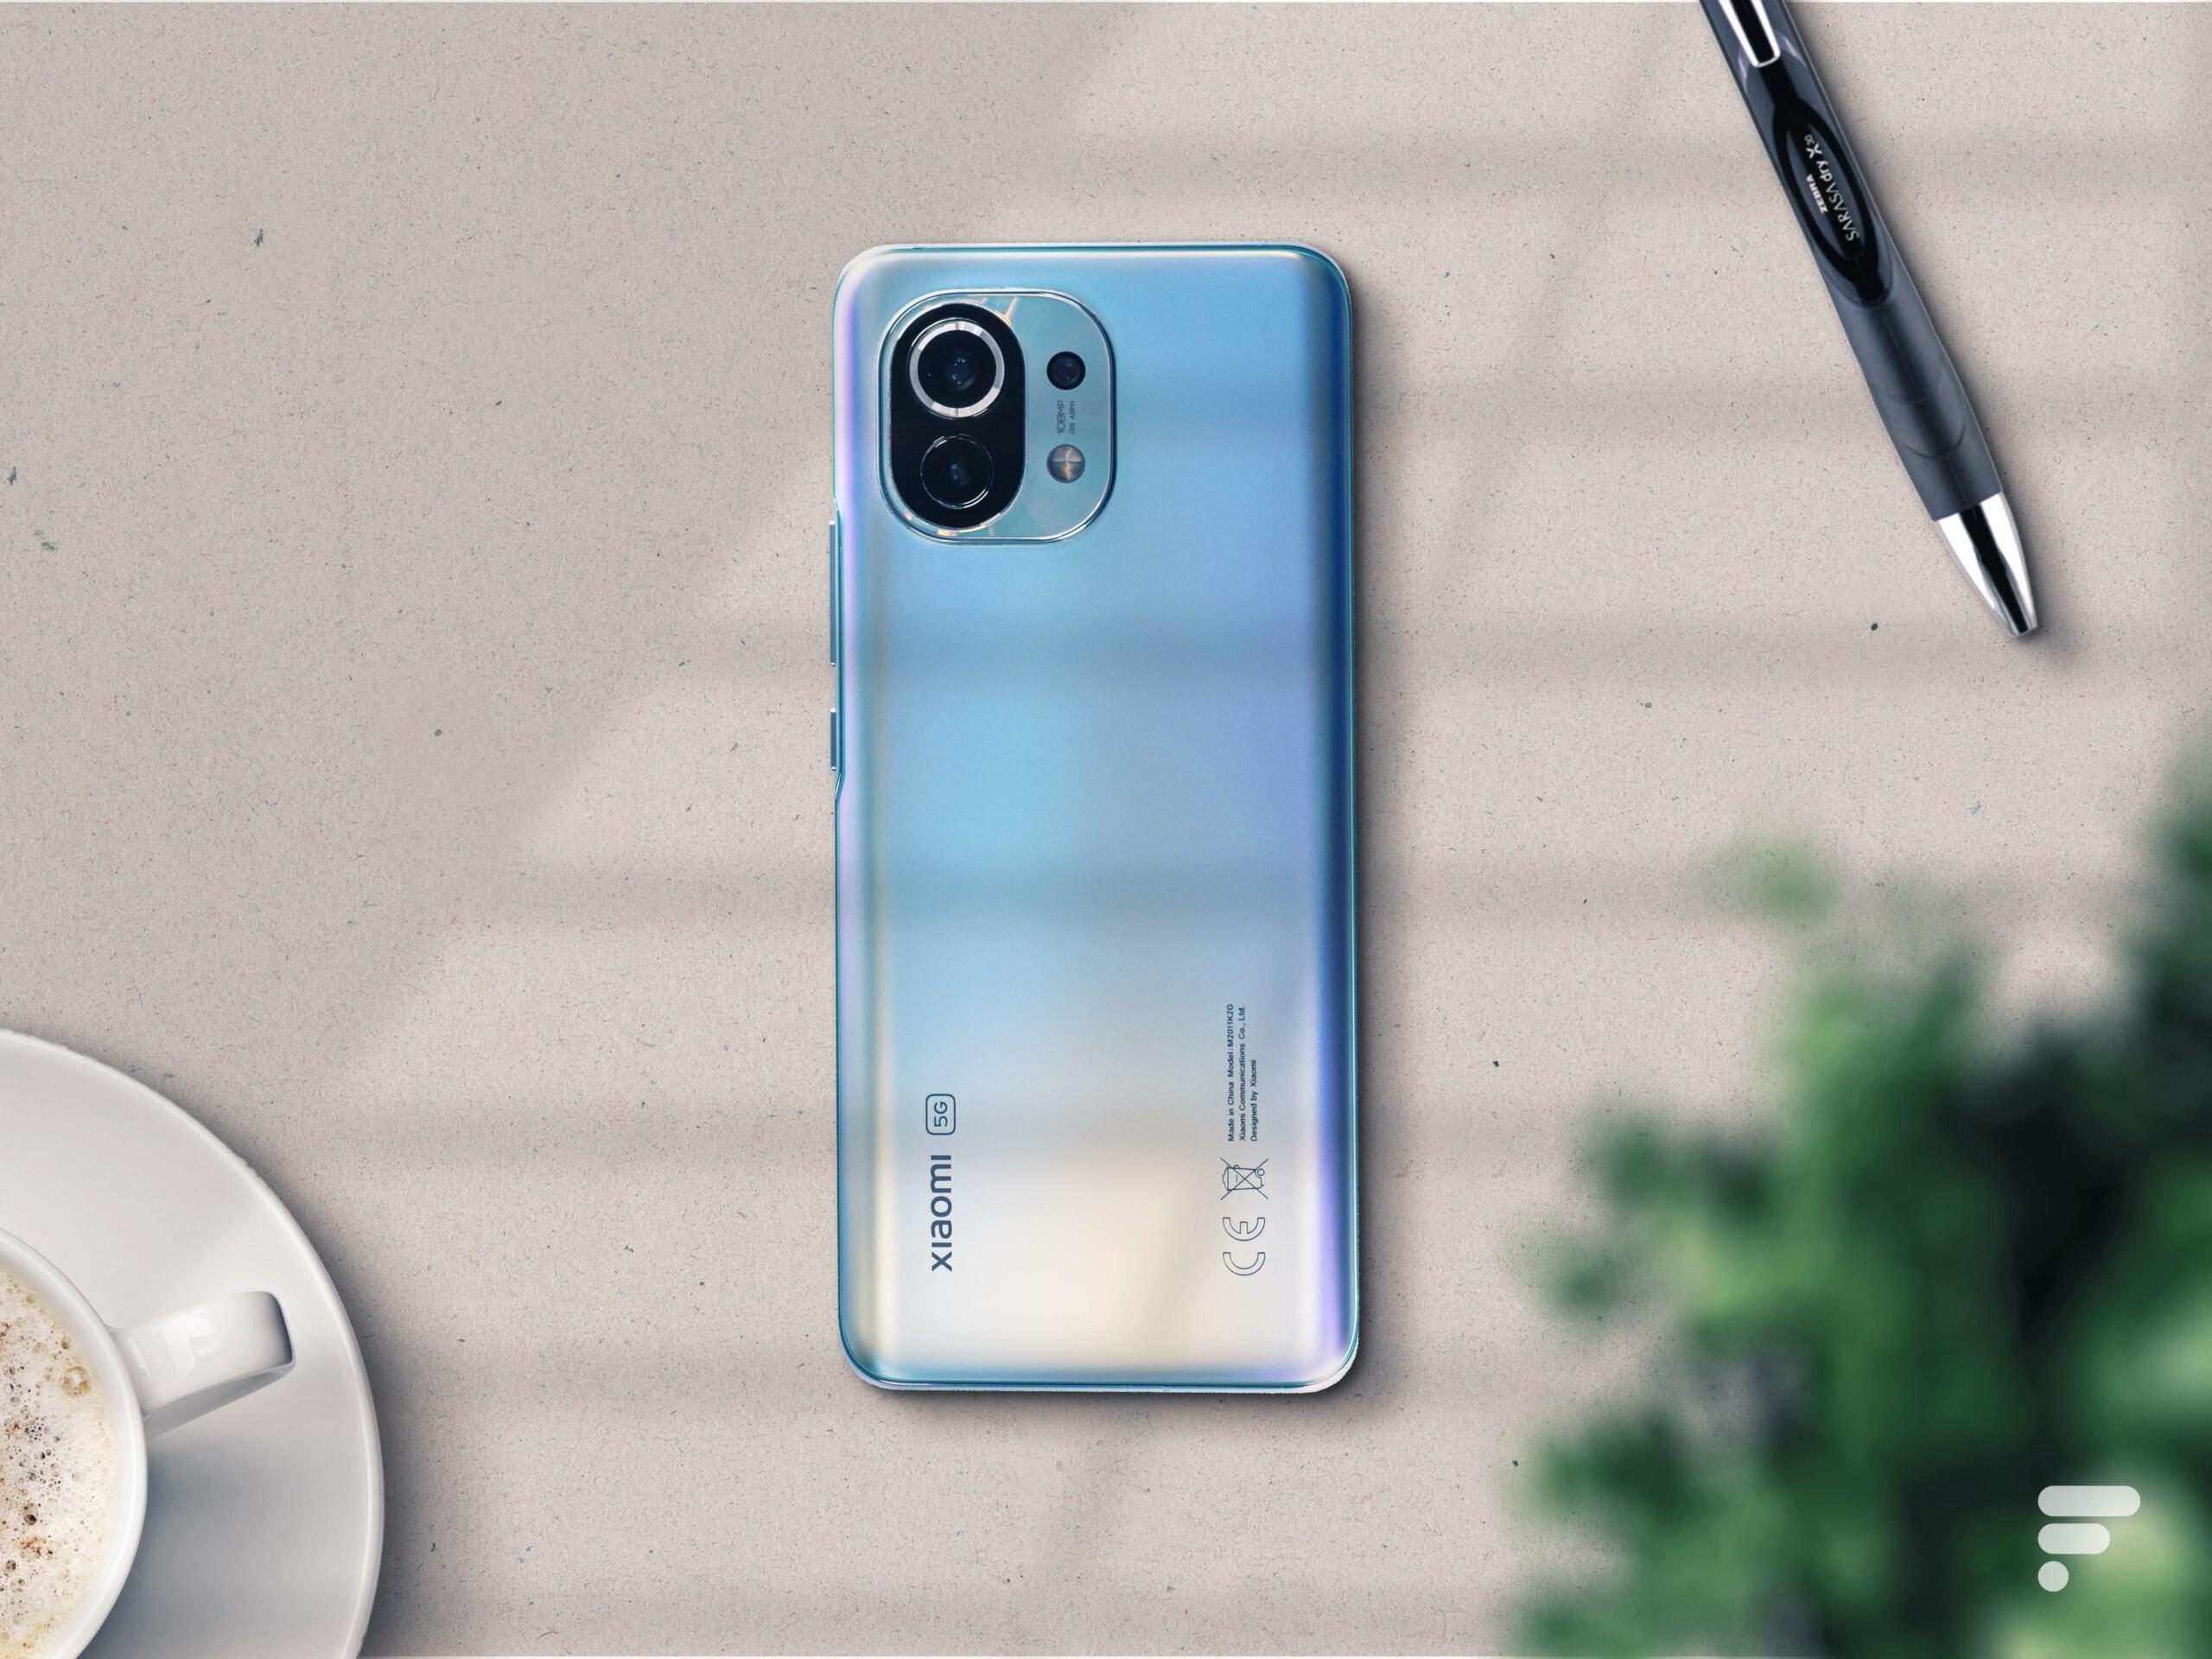 Xiaomi Mi 11 5G: prix, compatibilité 5G, VoLTE… pourquoi l'offre de SFR est aussi intéressante